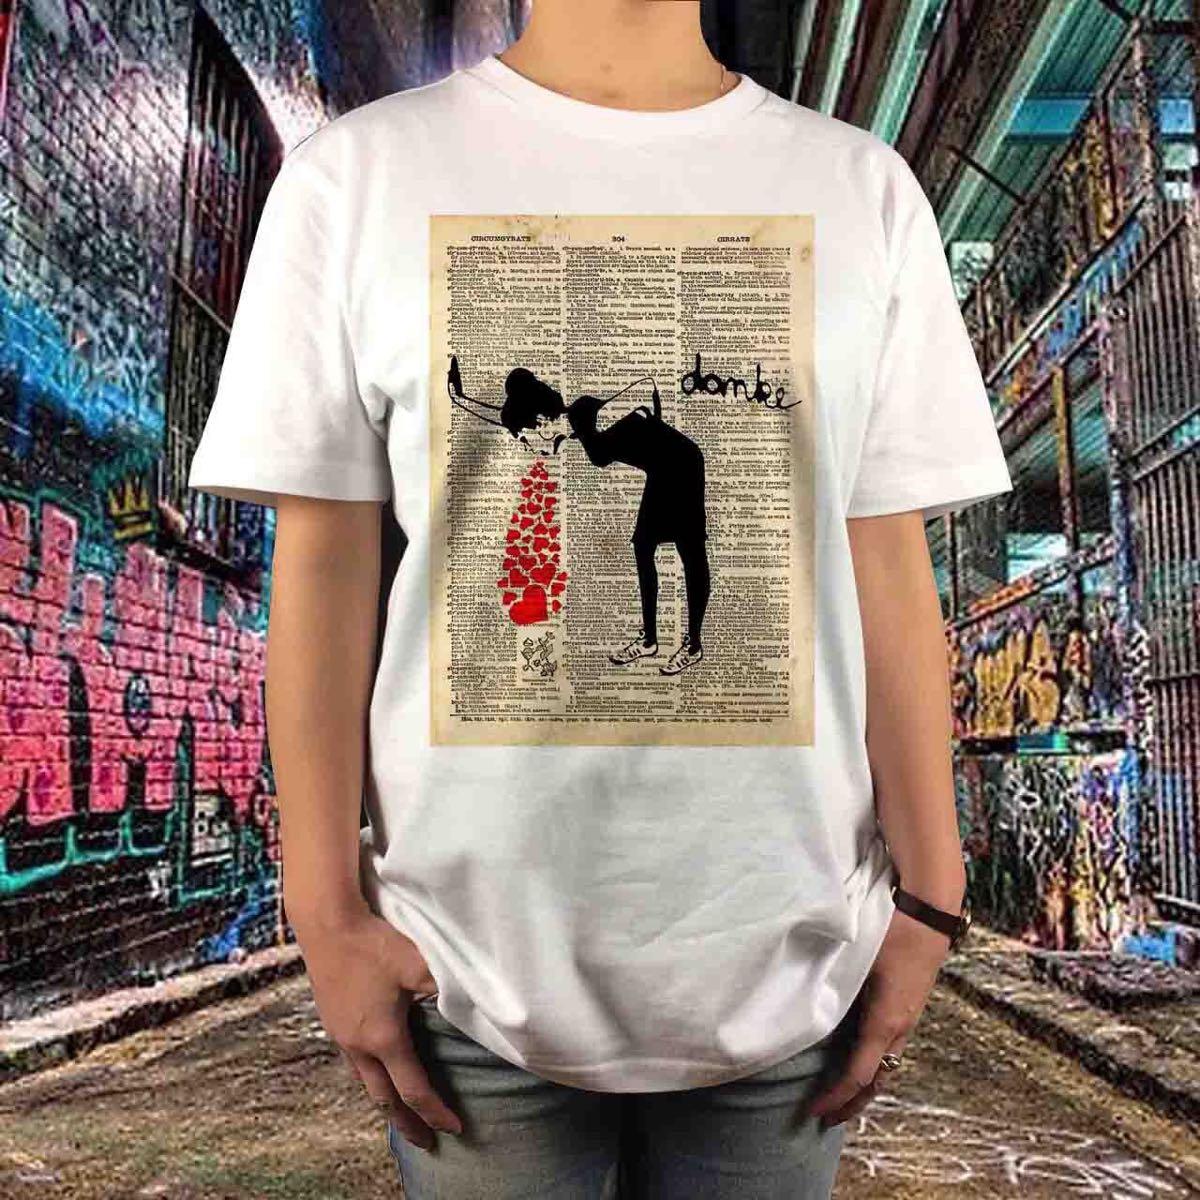 新品 BANKSY バンクシー ゲロ ハート グラフィティ ペーパー アート Tシャツ S M L XL ビッグ オーバー サイズ XXL ~ 5XL 長袖 黒 対応_画像1